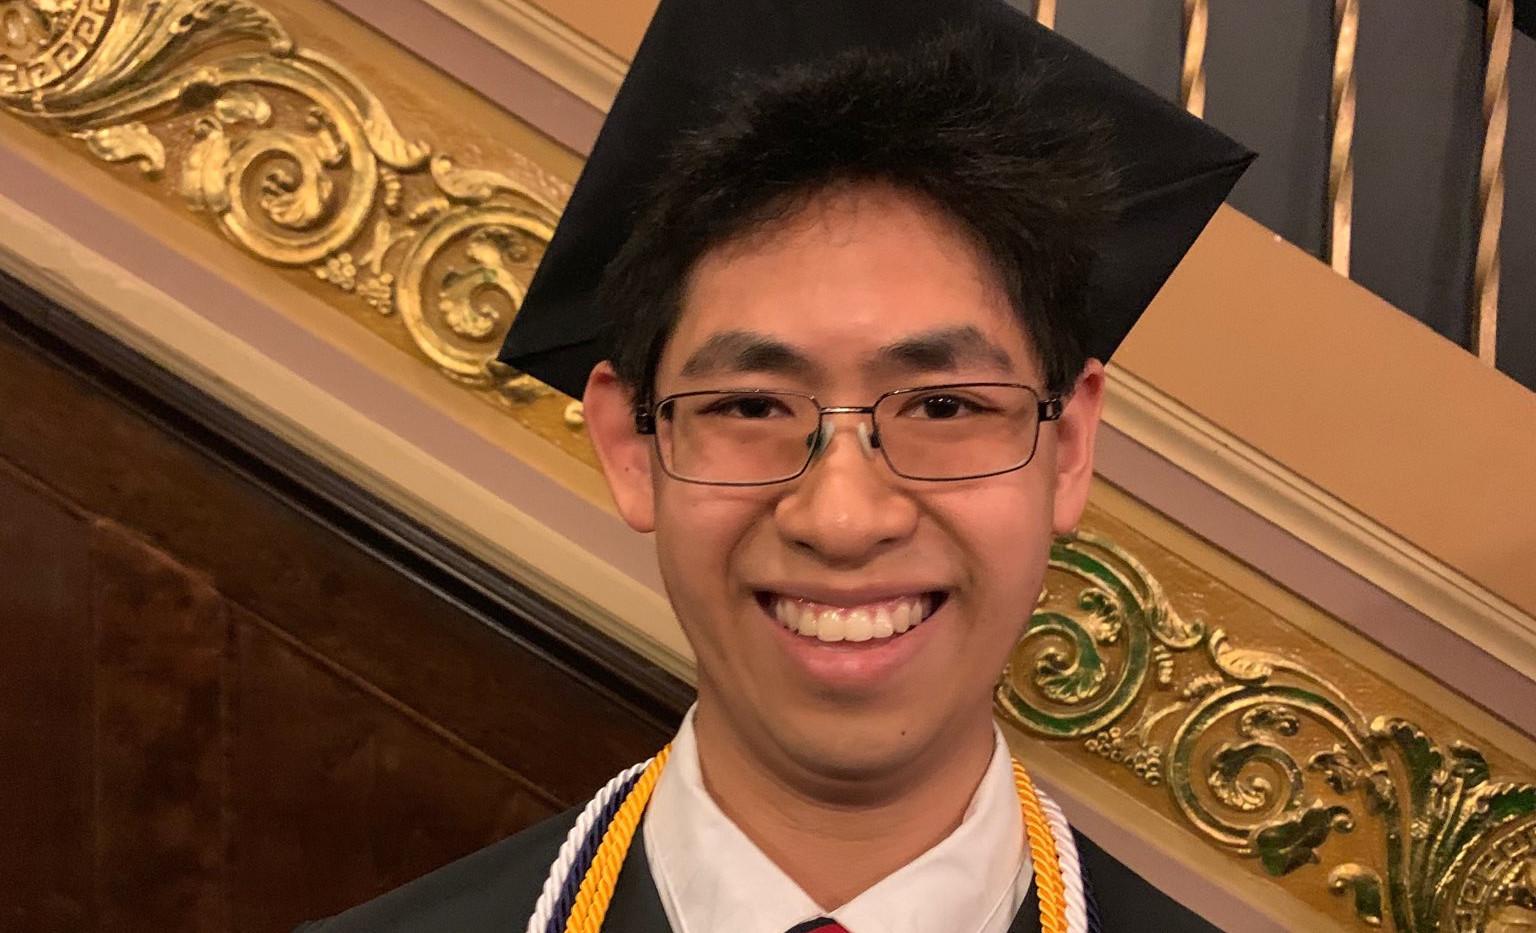 Our undergrad Max graduated Congrats, Max!